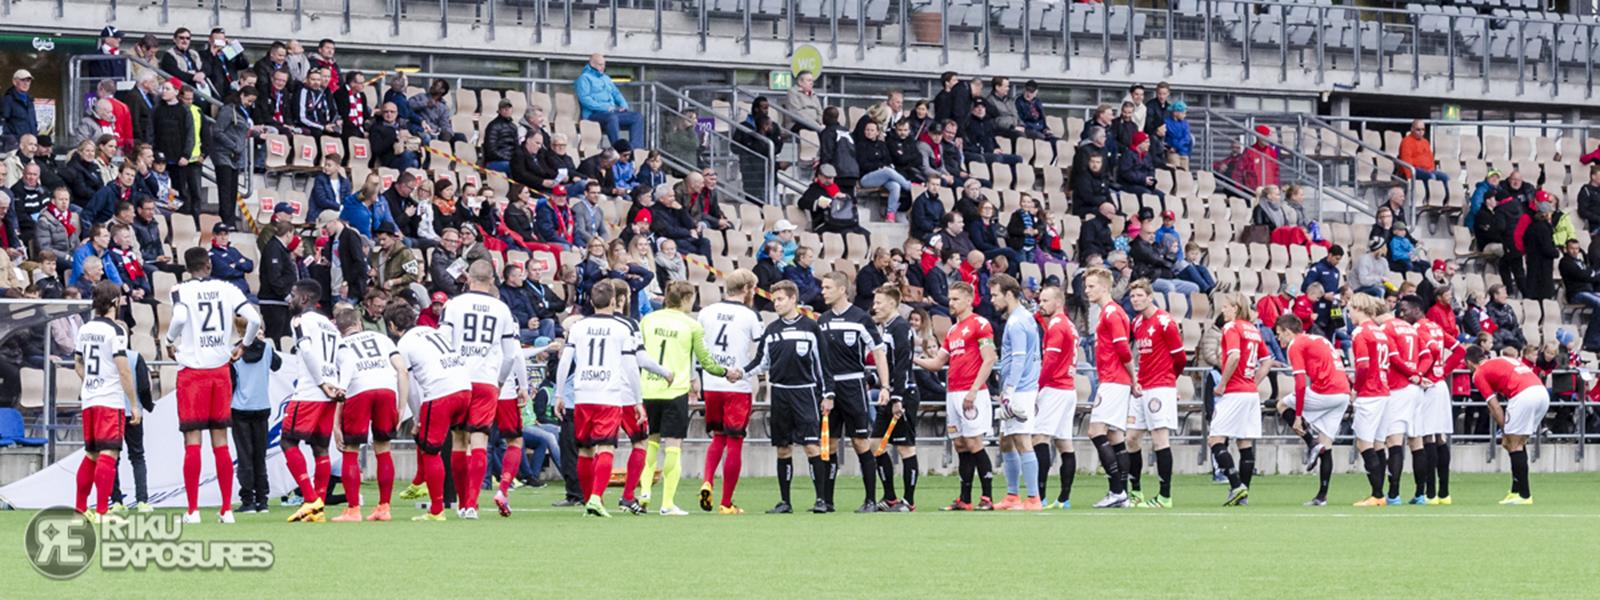 PK-35 Vantaa jatkoi HIFK:n tappioputkea – MeMyymmeKotisi.fi otteluraportti